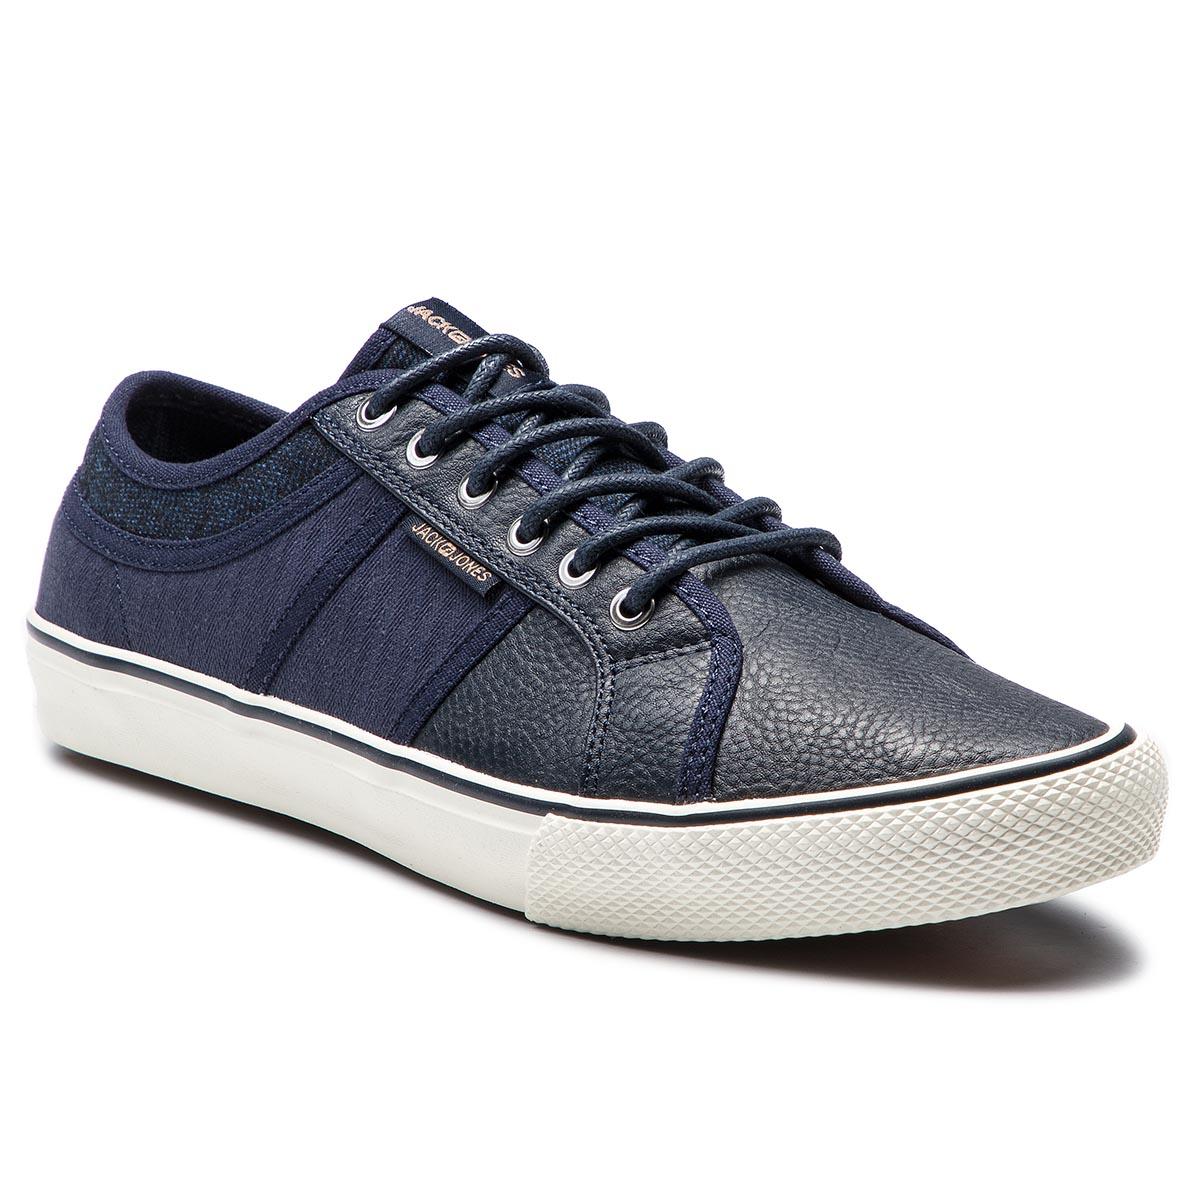 Zapatillas de tenis JACK&JONES Jfwross 12140991 Navy Blazer